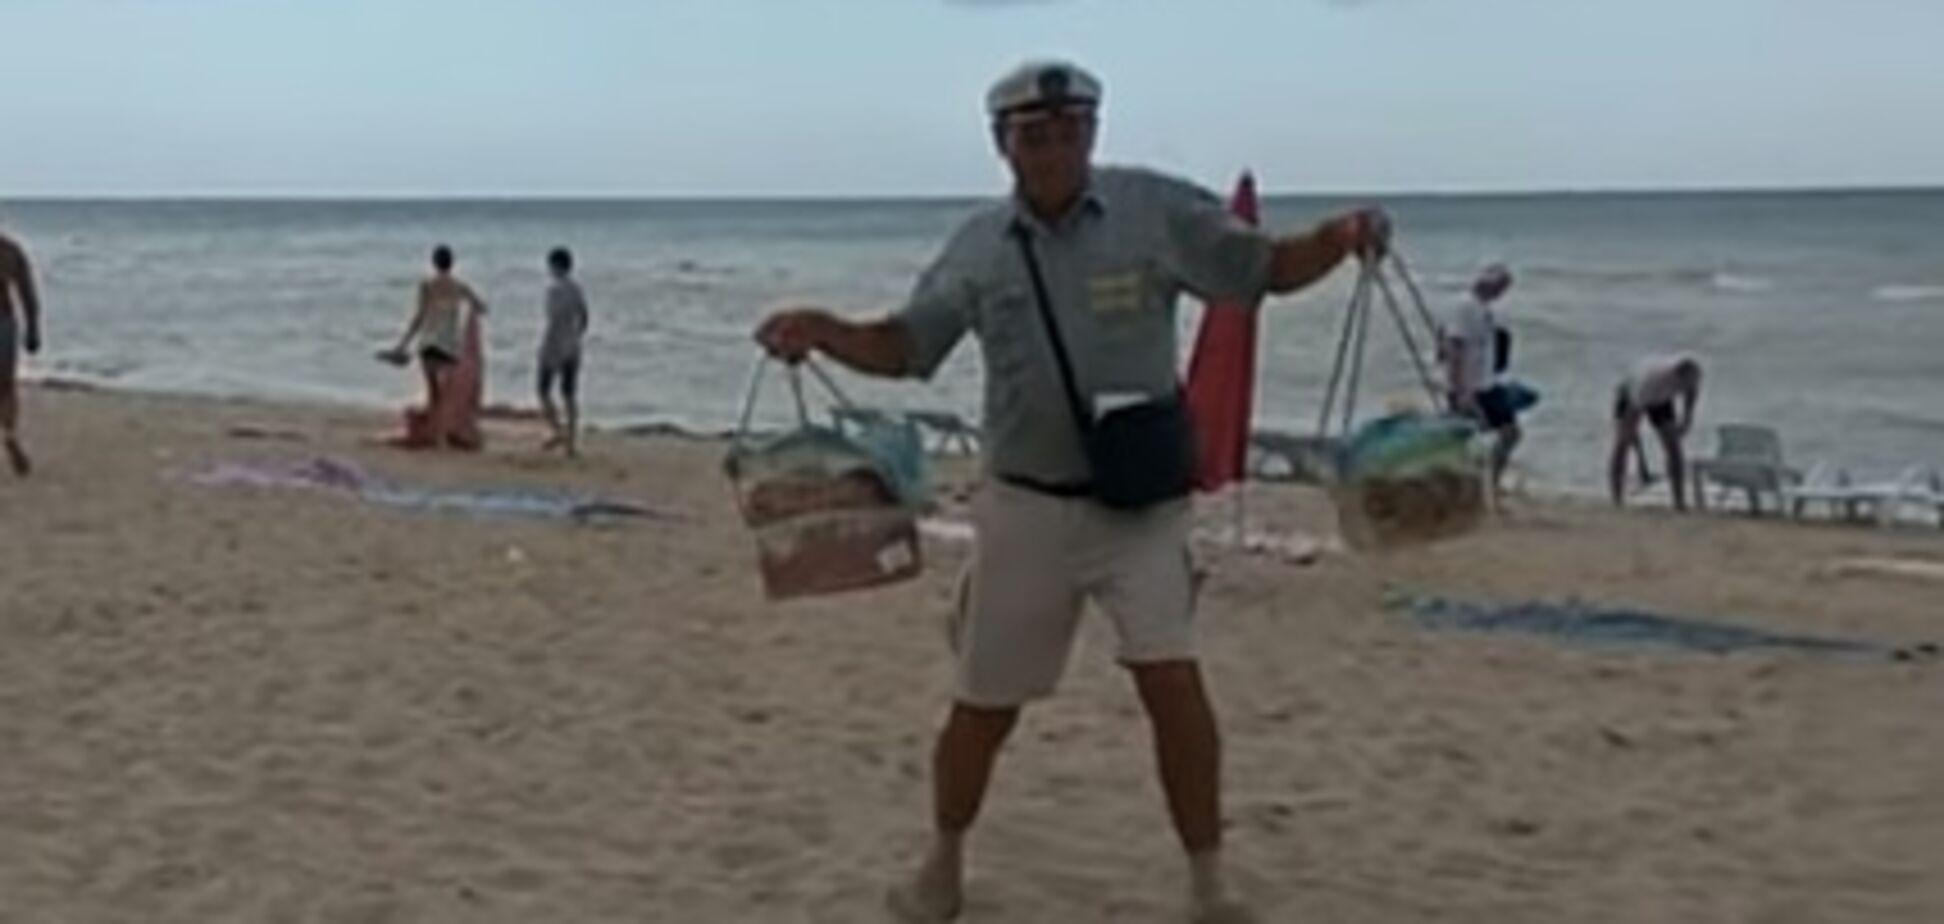 'Дядя Саша морячок': з'явилося відео з кумедним продавцем на курорті в Україні